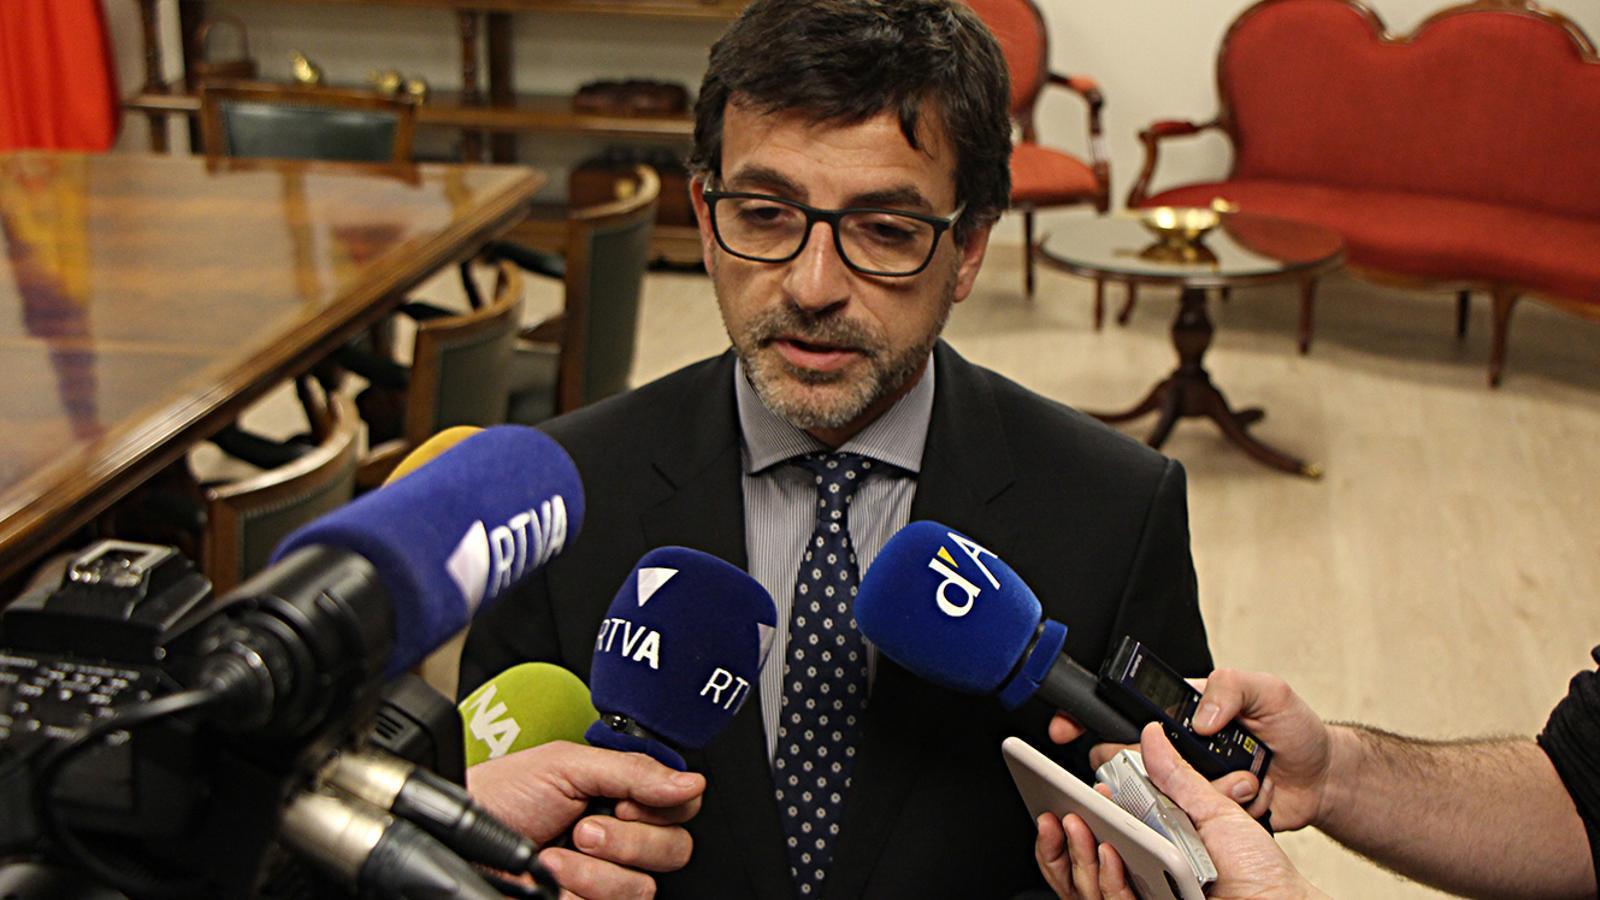 El ministre de Finances, Jordi Cinca, durant la compareixença per explicar la notícia davant dels mitjans. / M. M. (ANA)